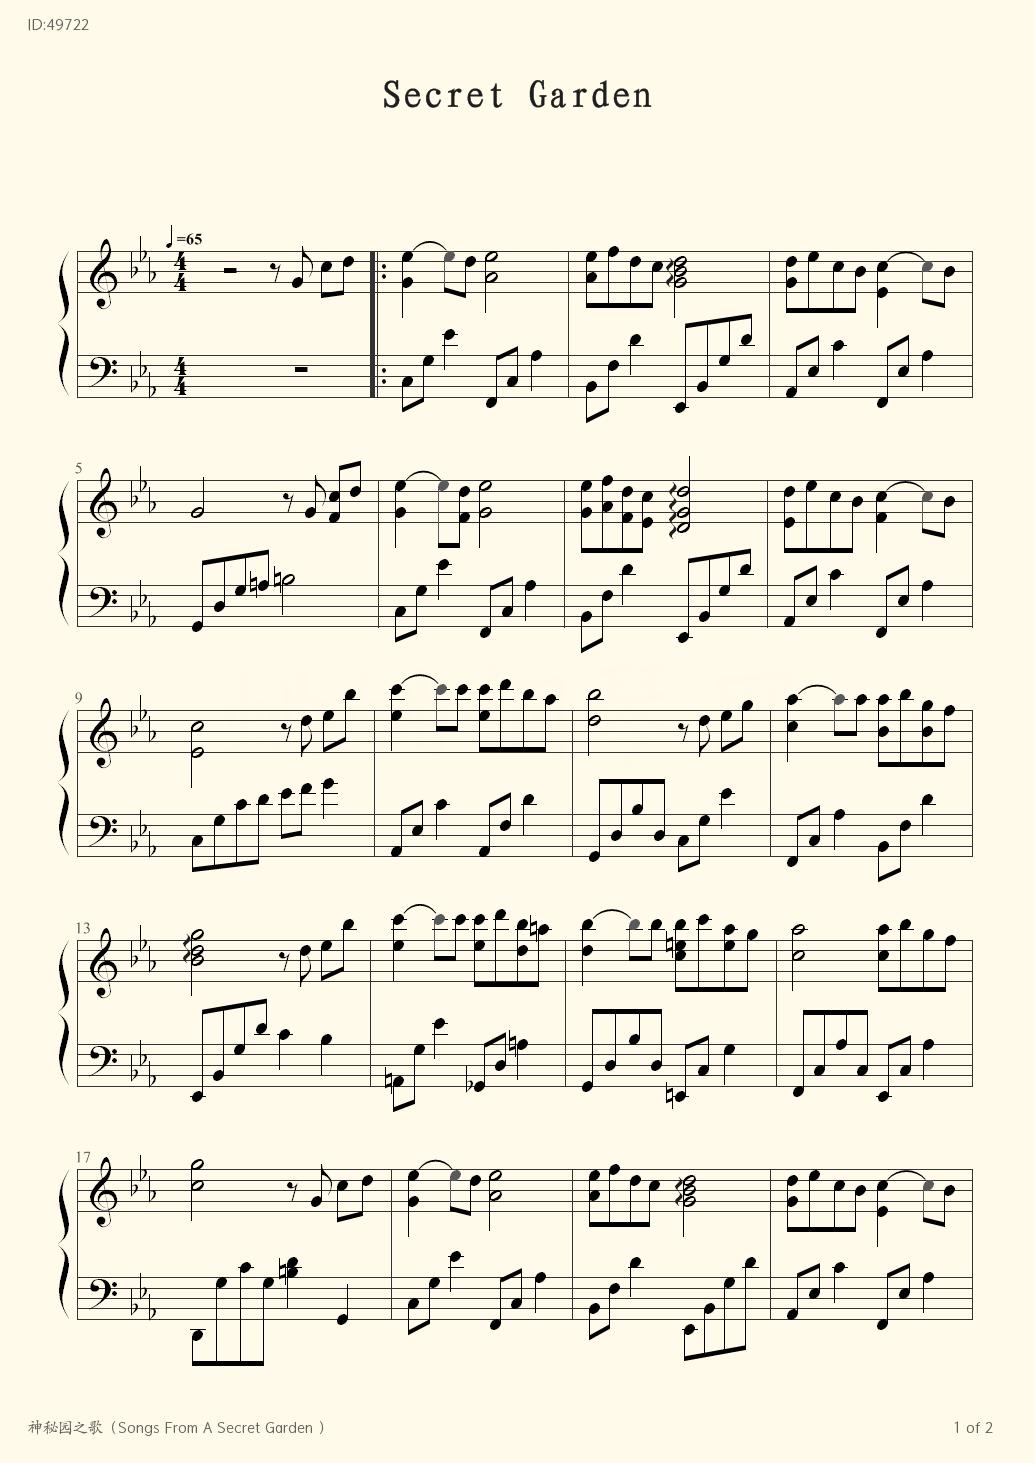 Songs From A Secret Garden - Secret Garden - first page